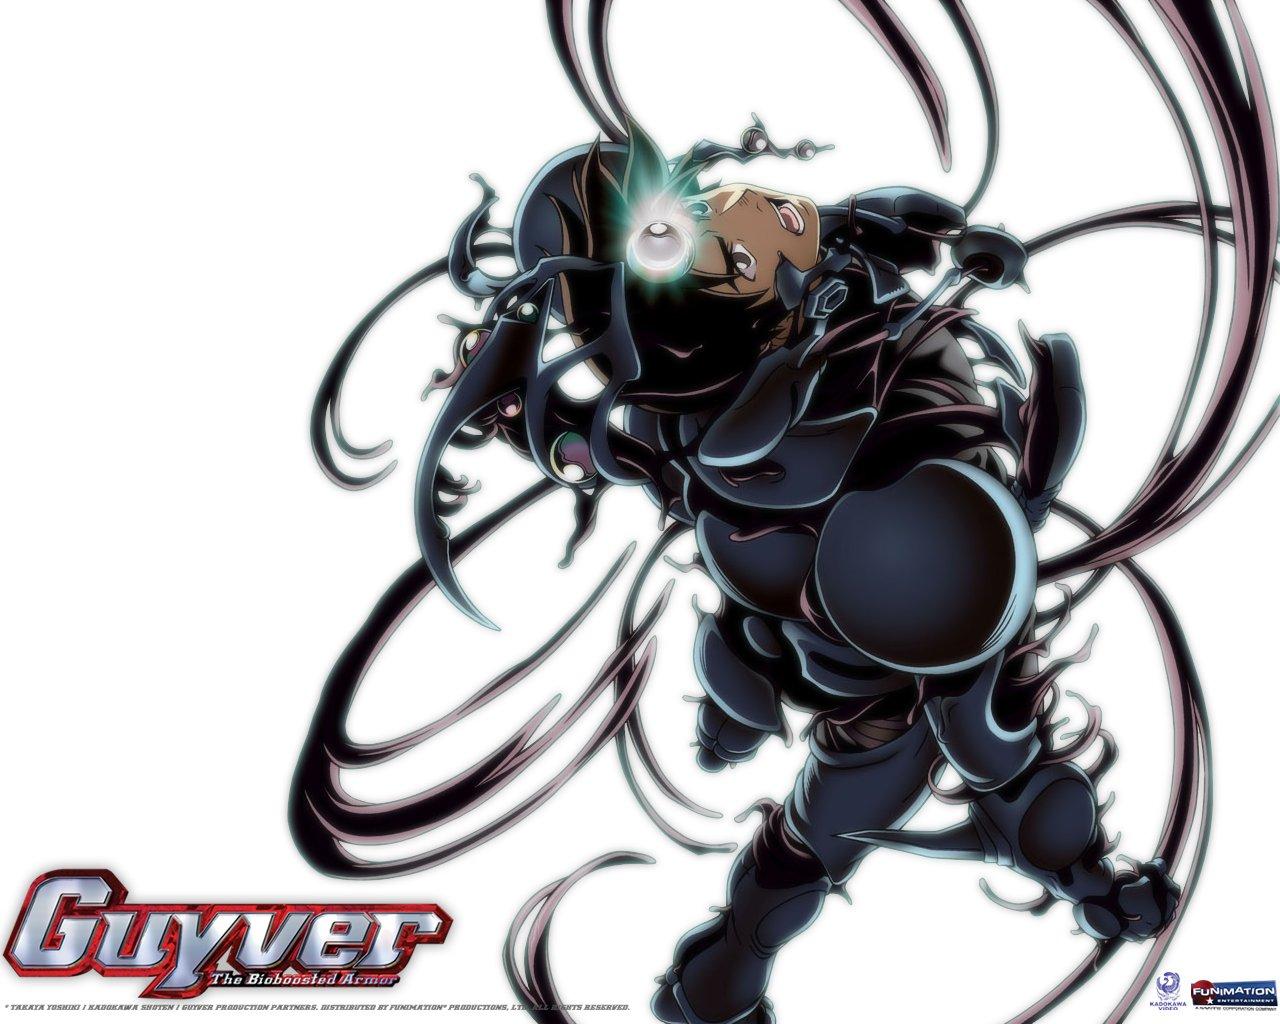 The Guyver: Bio-Booster Armor. Часть 4. Аниме.  - Изображение 9